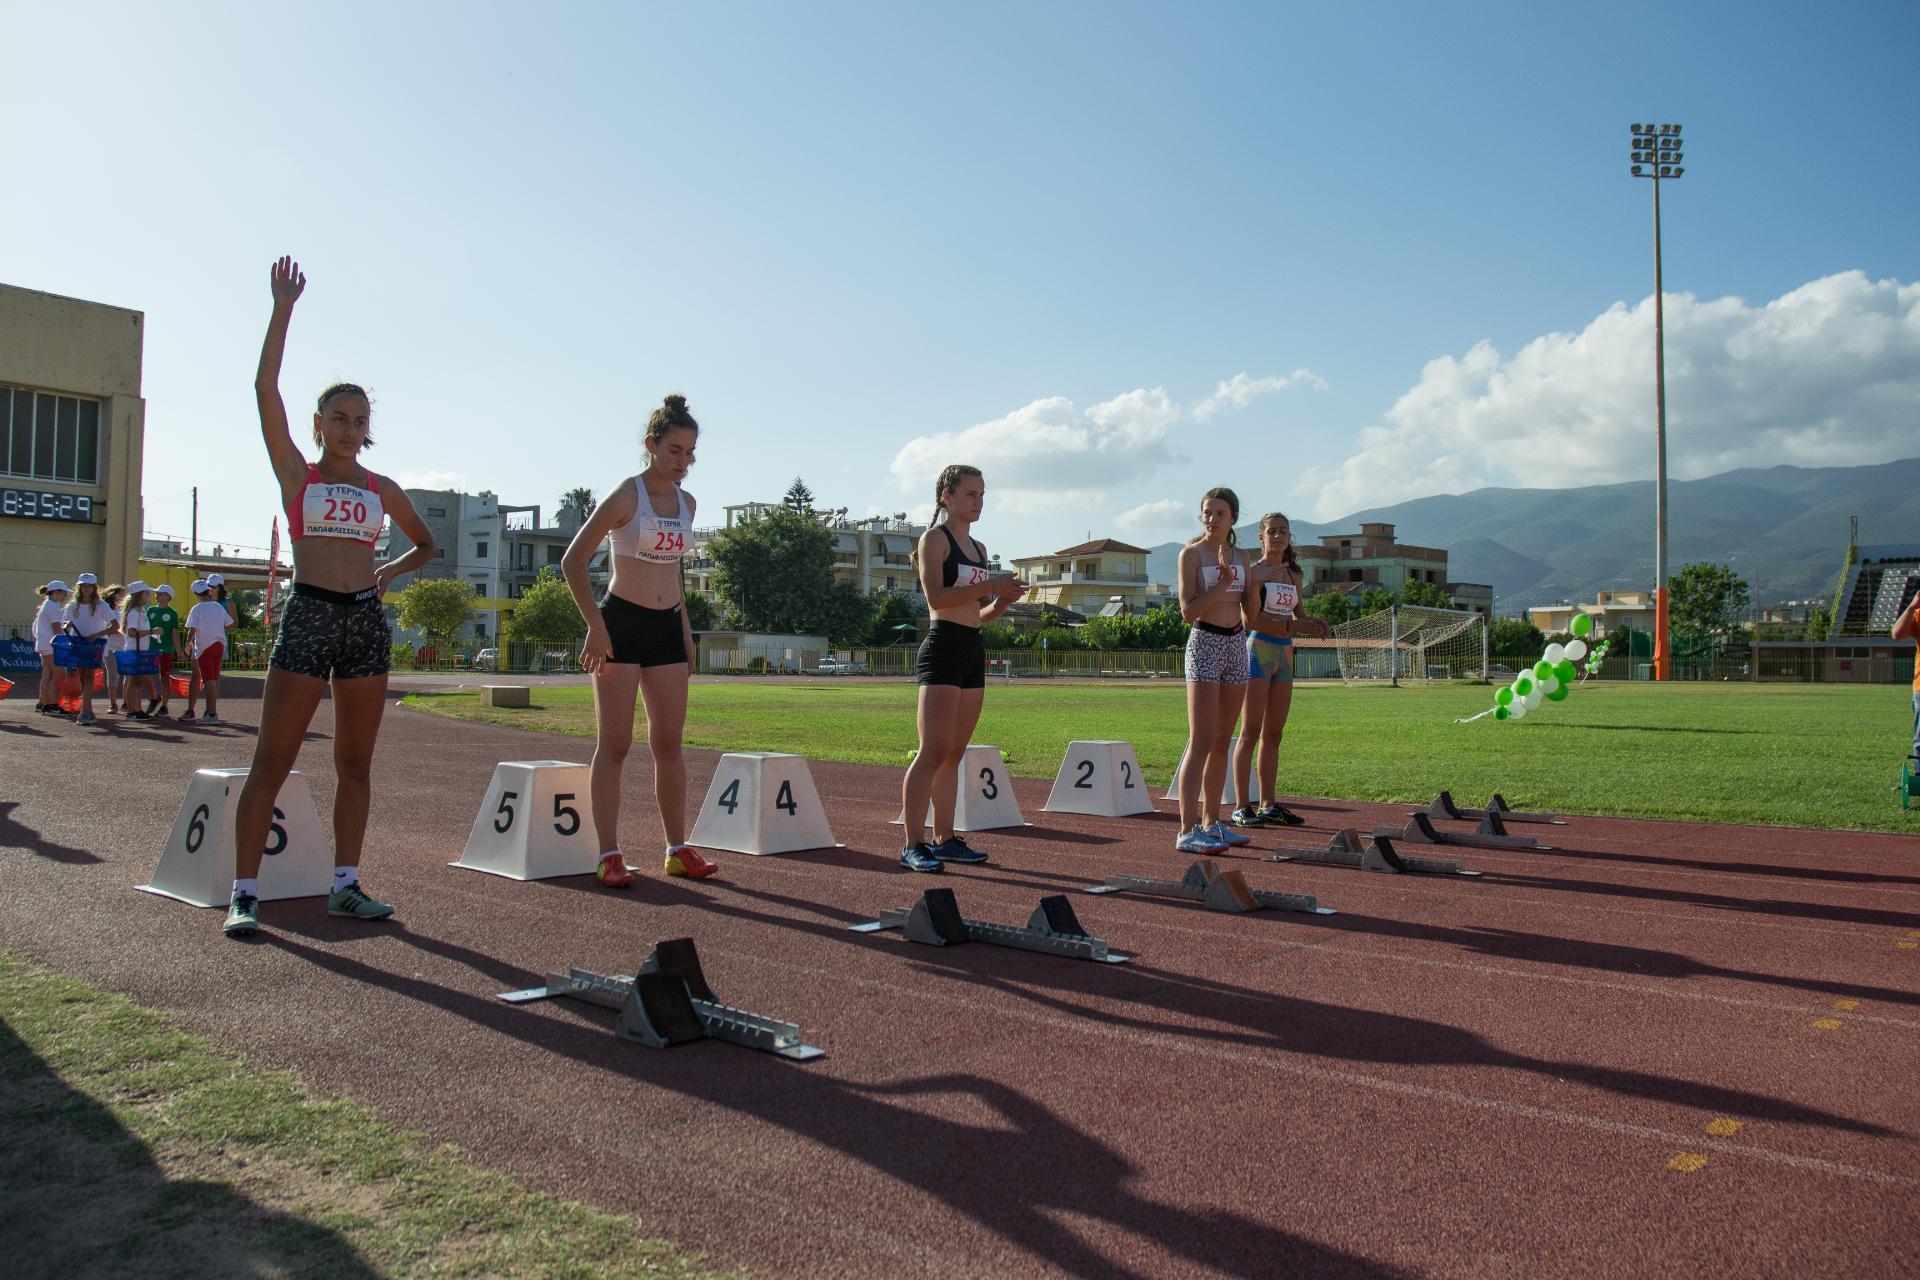 Με 38 Αθλητές/Αθλήτριες ο Μεσσηνιακός στο Διασυλλογικό Πρωτάθλημα Στίβου Παίδων/Κορασίδων στην Τρίπολη 2